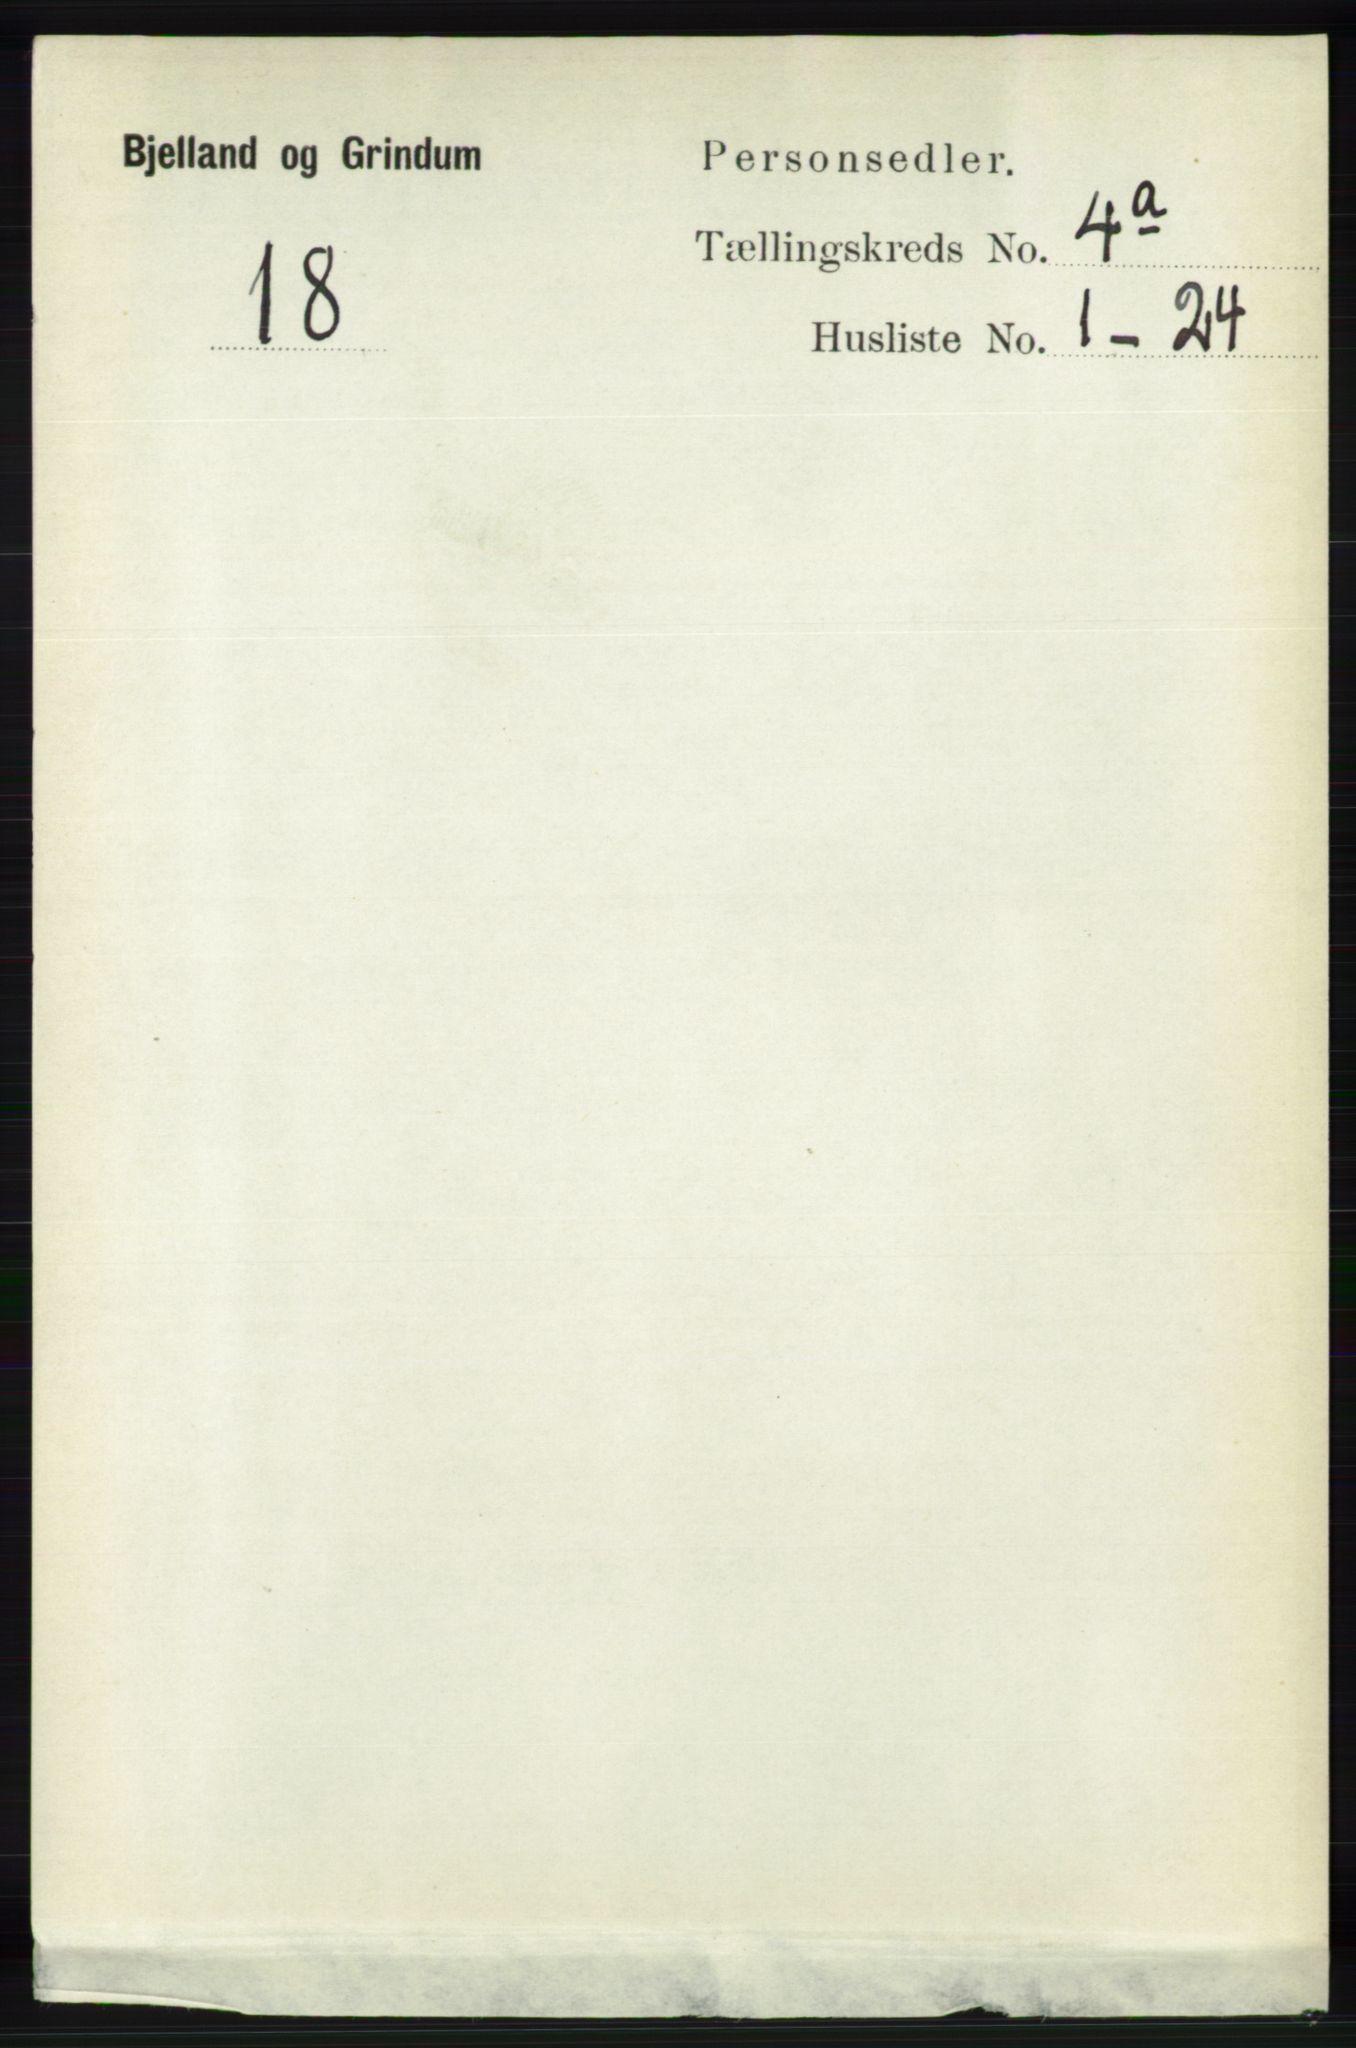 RA, Folketelling 1891 for 1024 Bjelland og Grindheim herred, 1891, s. 2080